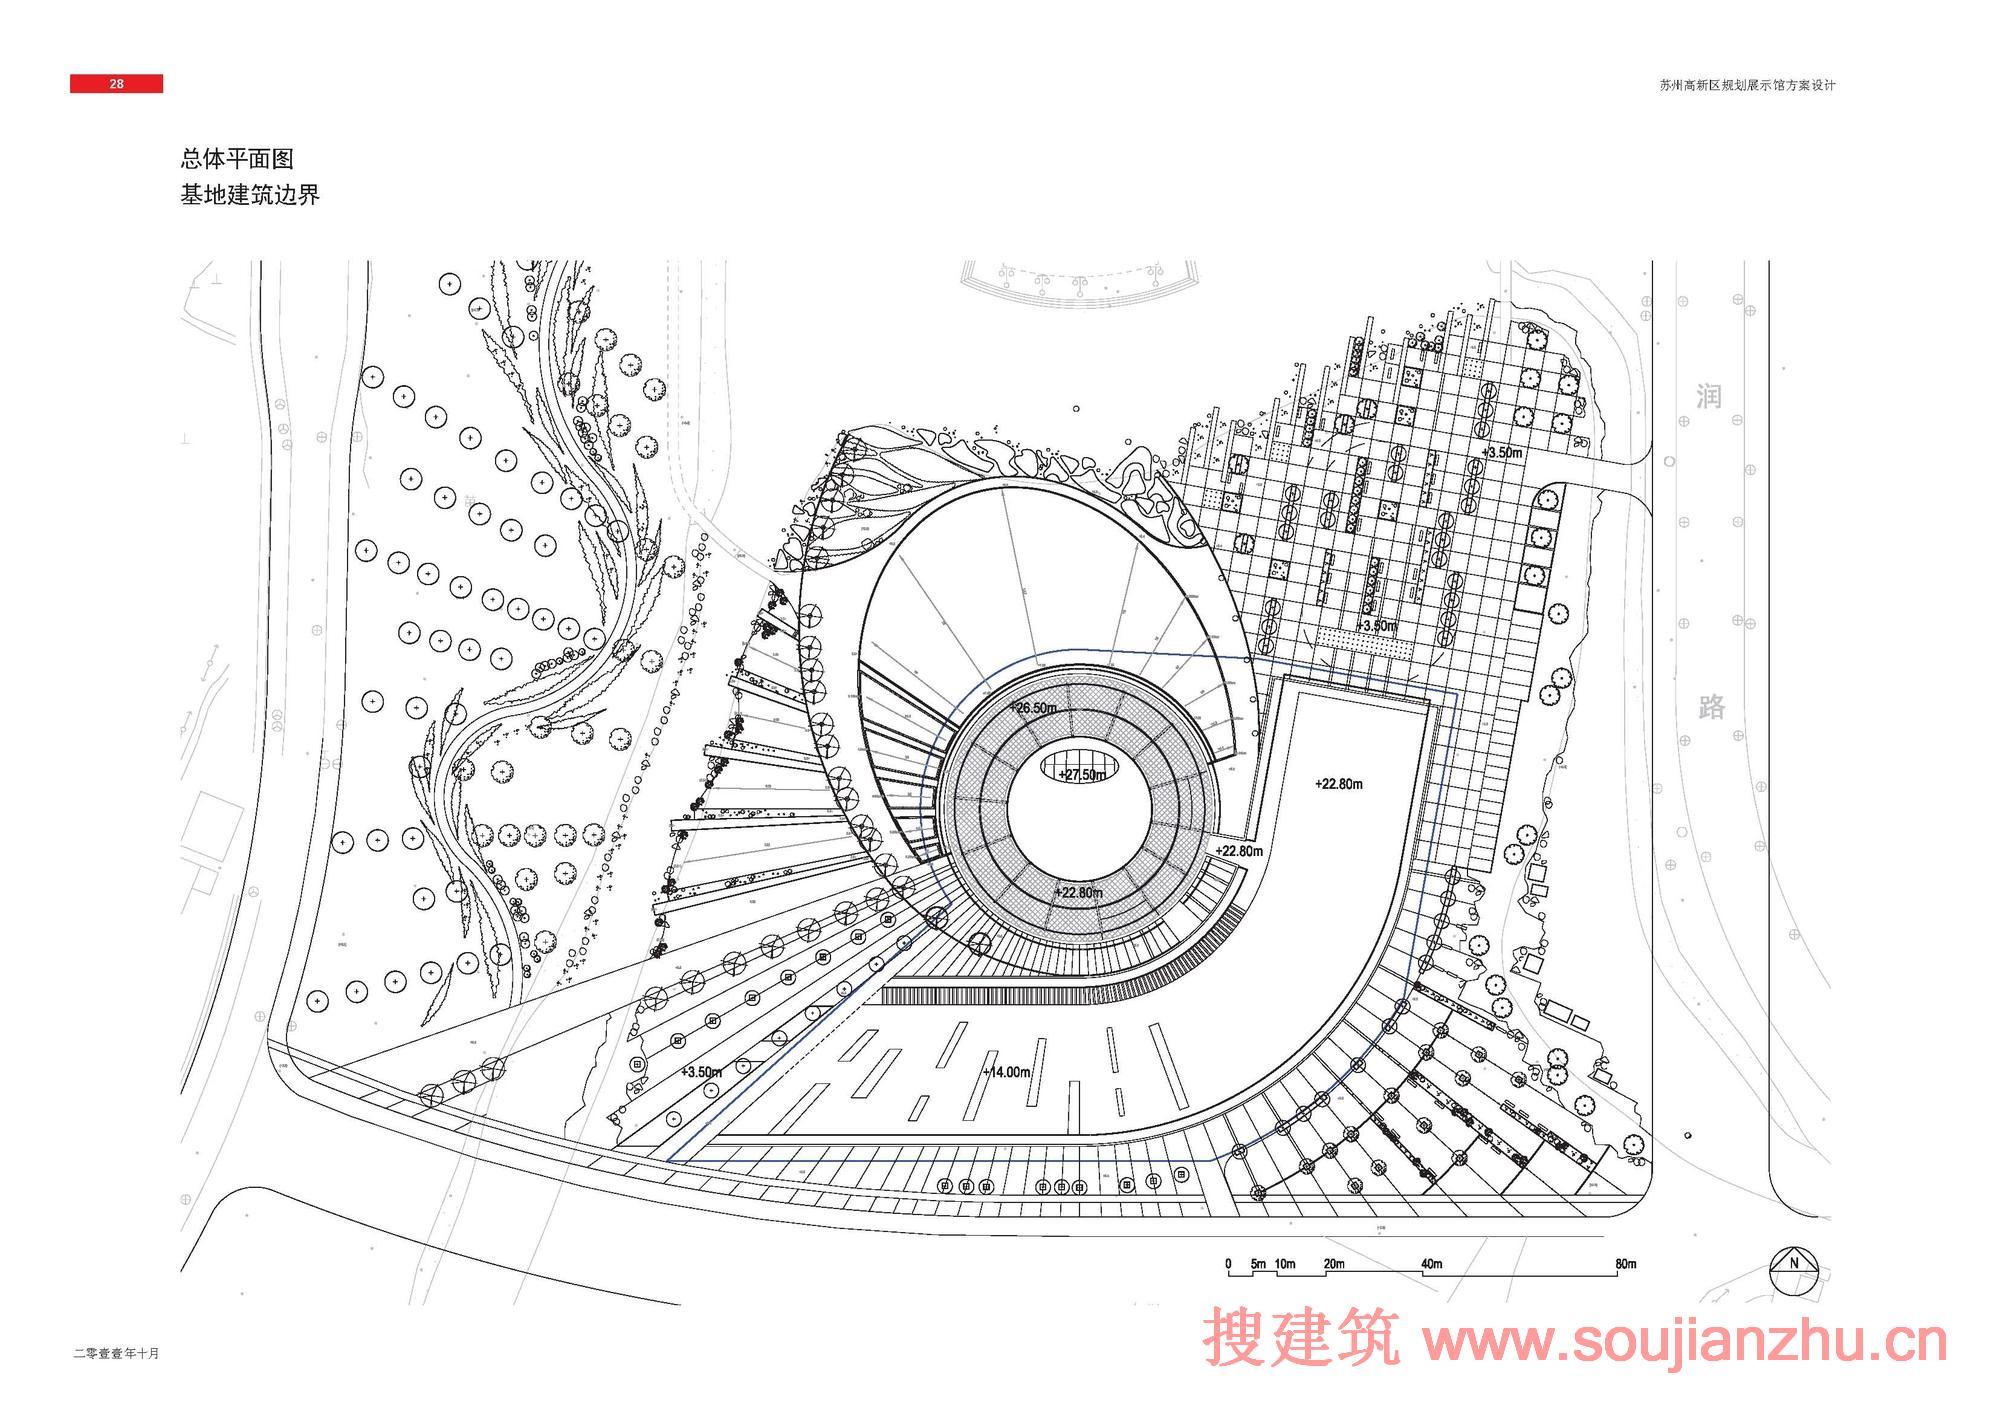 苏州·高新区城市规划展览馆---英国bdp